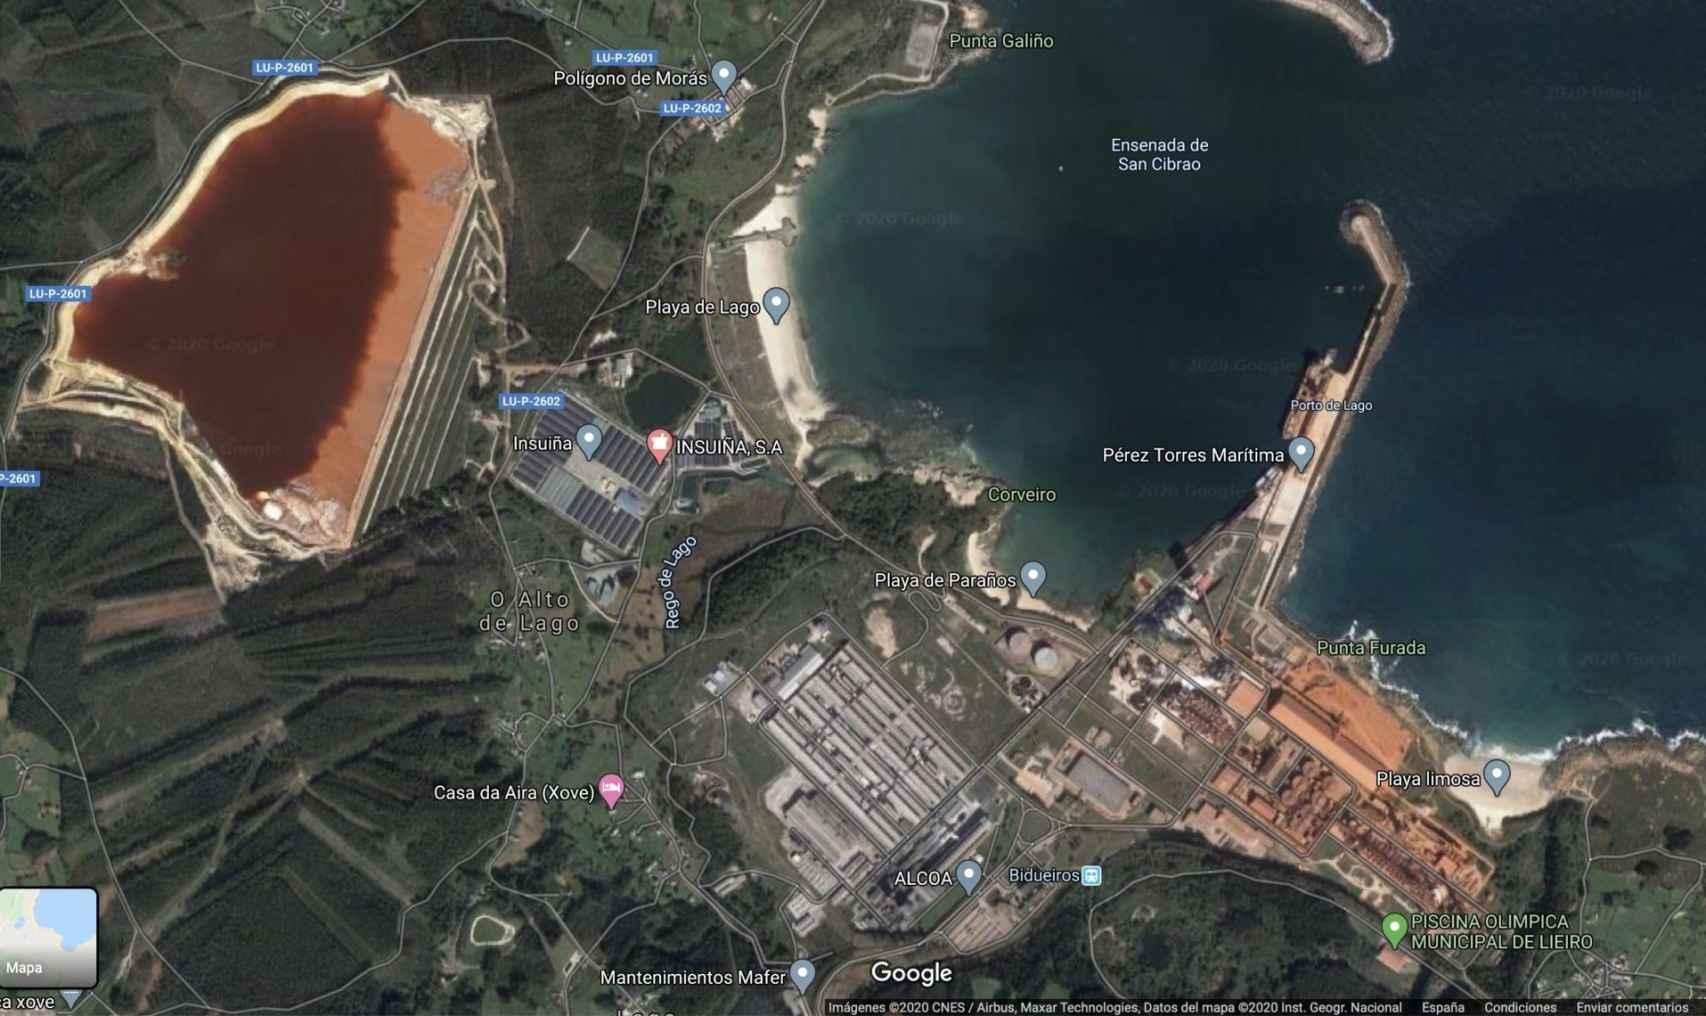 Vista áerea del Complejo Industrial de Alcoa en San Cibrao (Lugo)